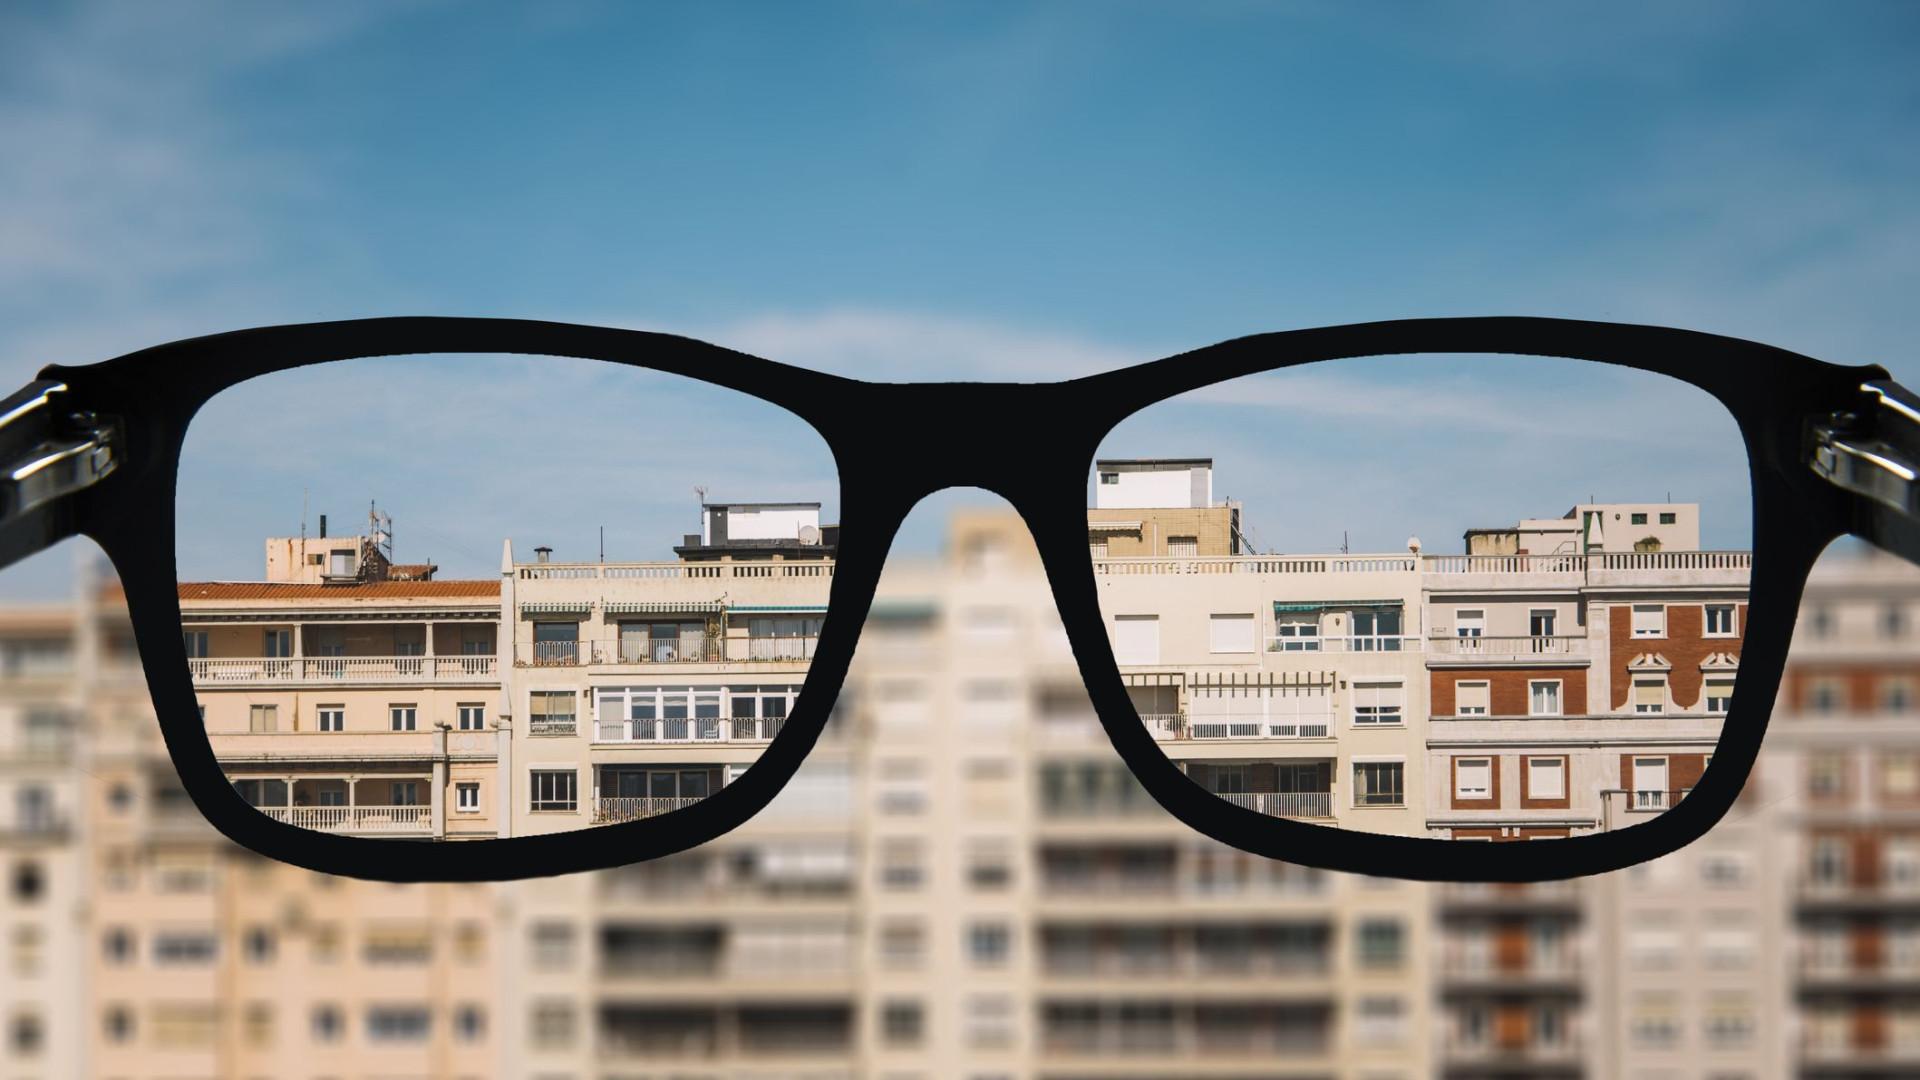 Quantos mais anos estudar, maior será o grau de miopia